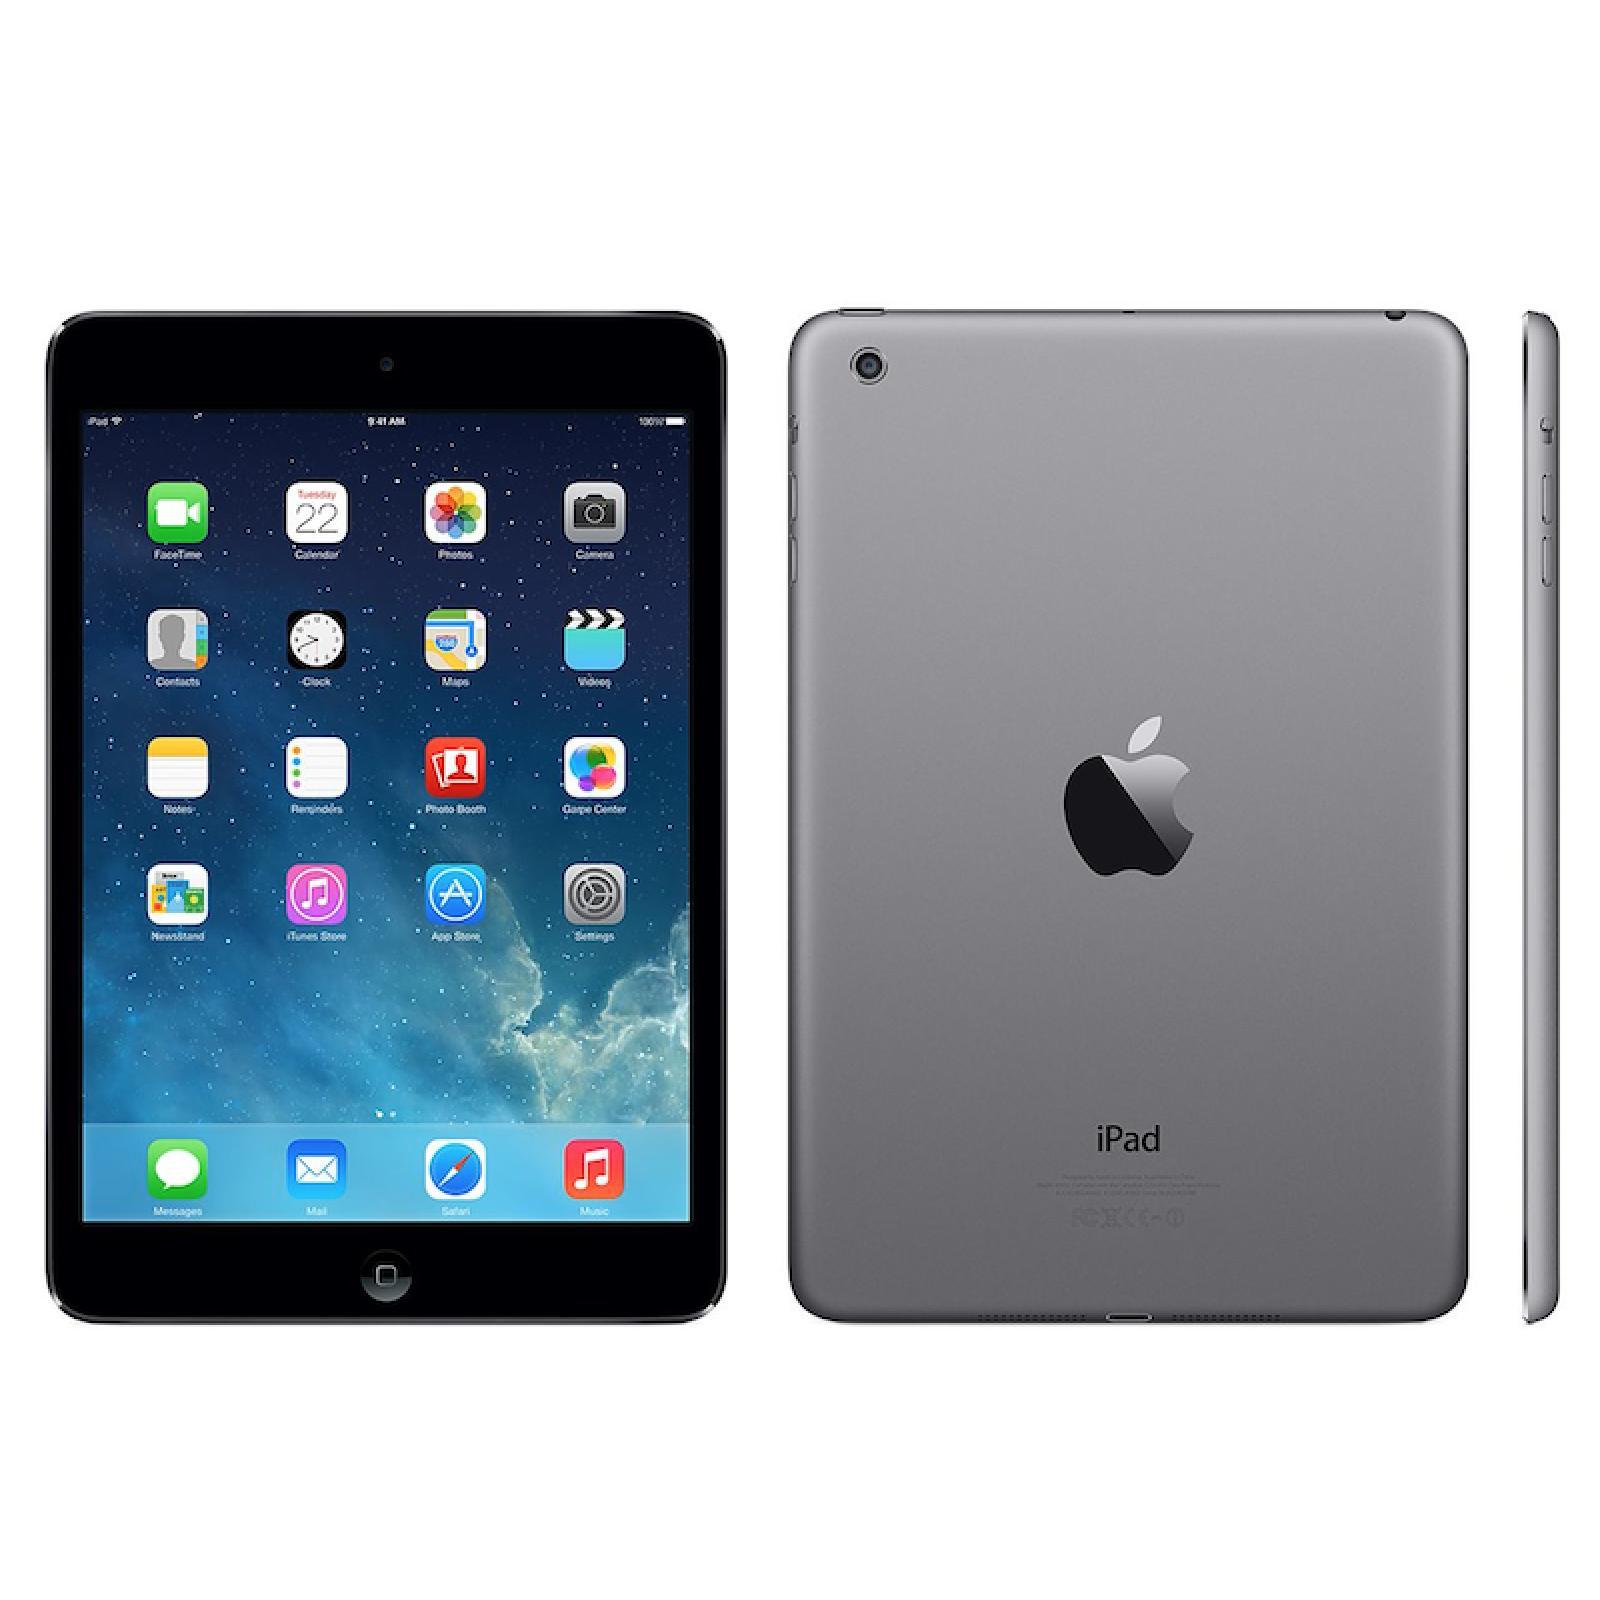 iPad mini 2 16GB - Spacegrau - Wlan